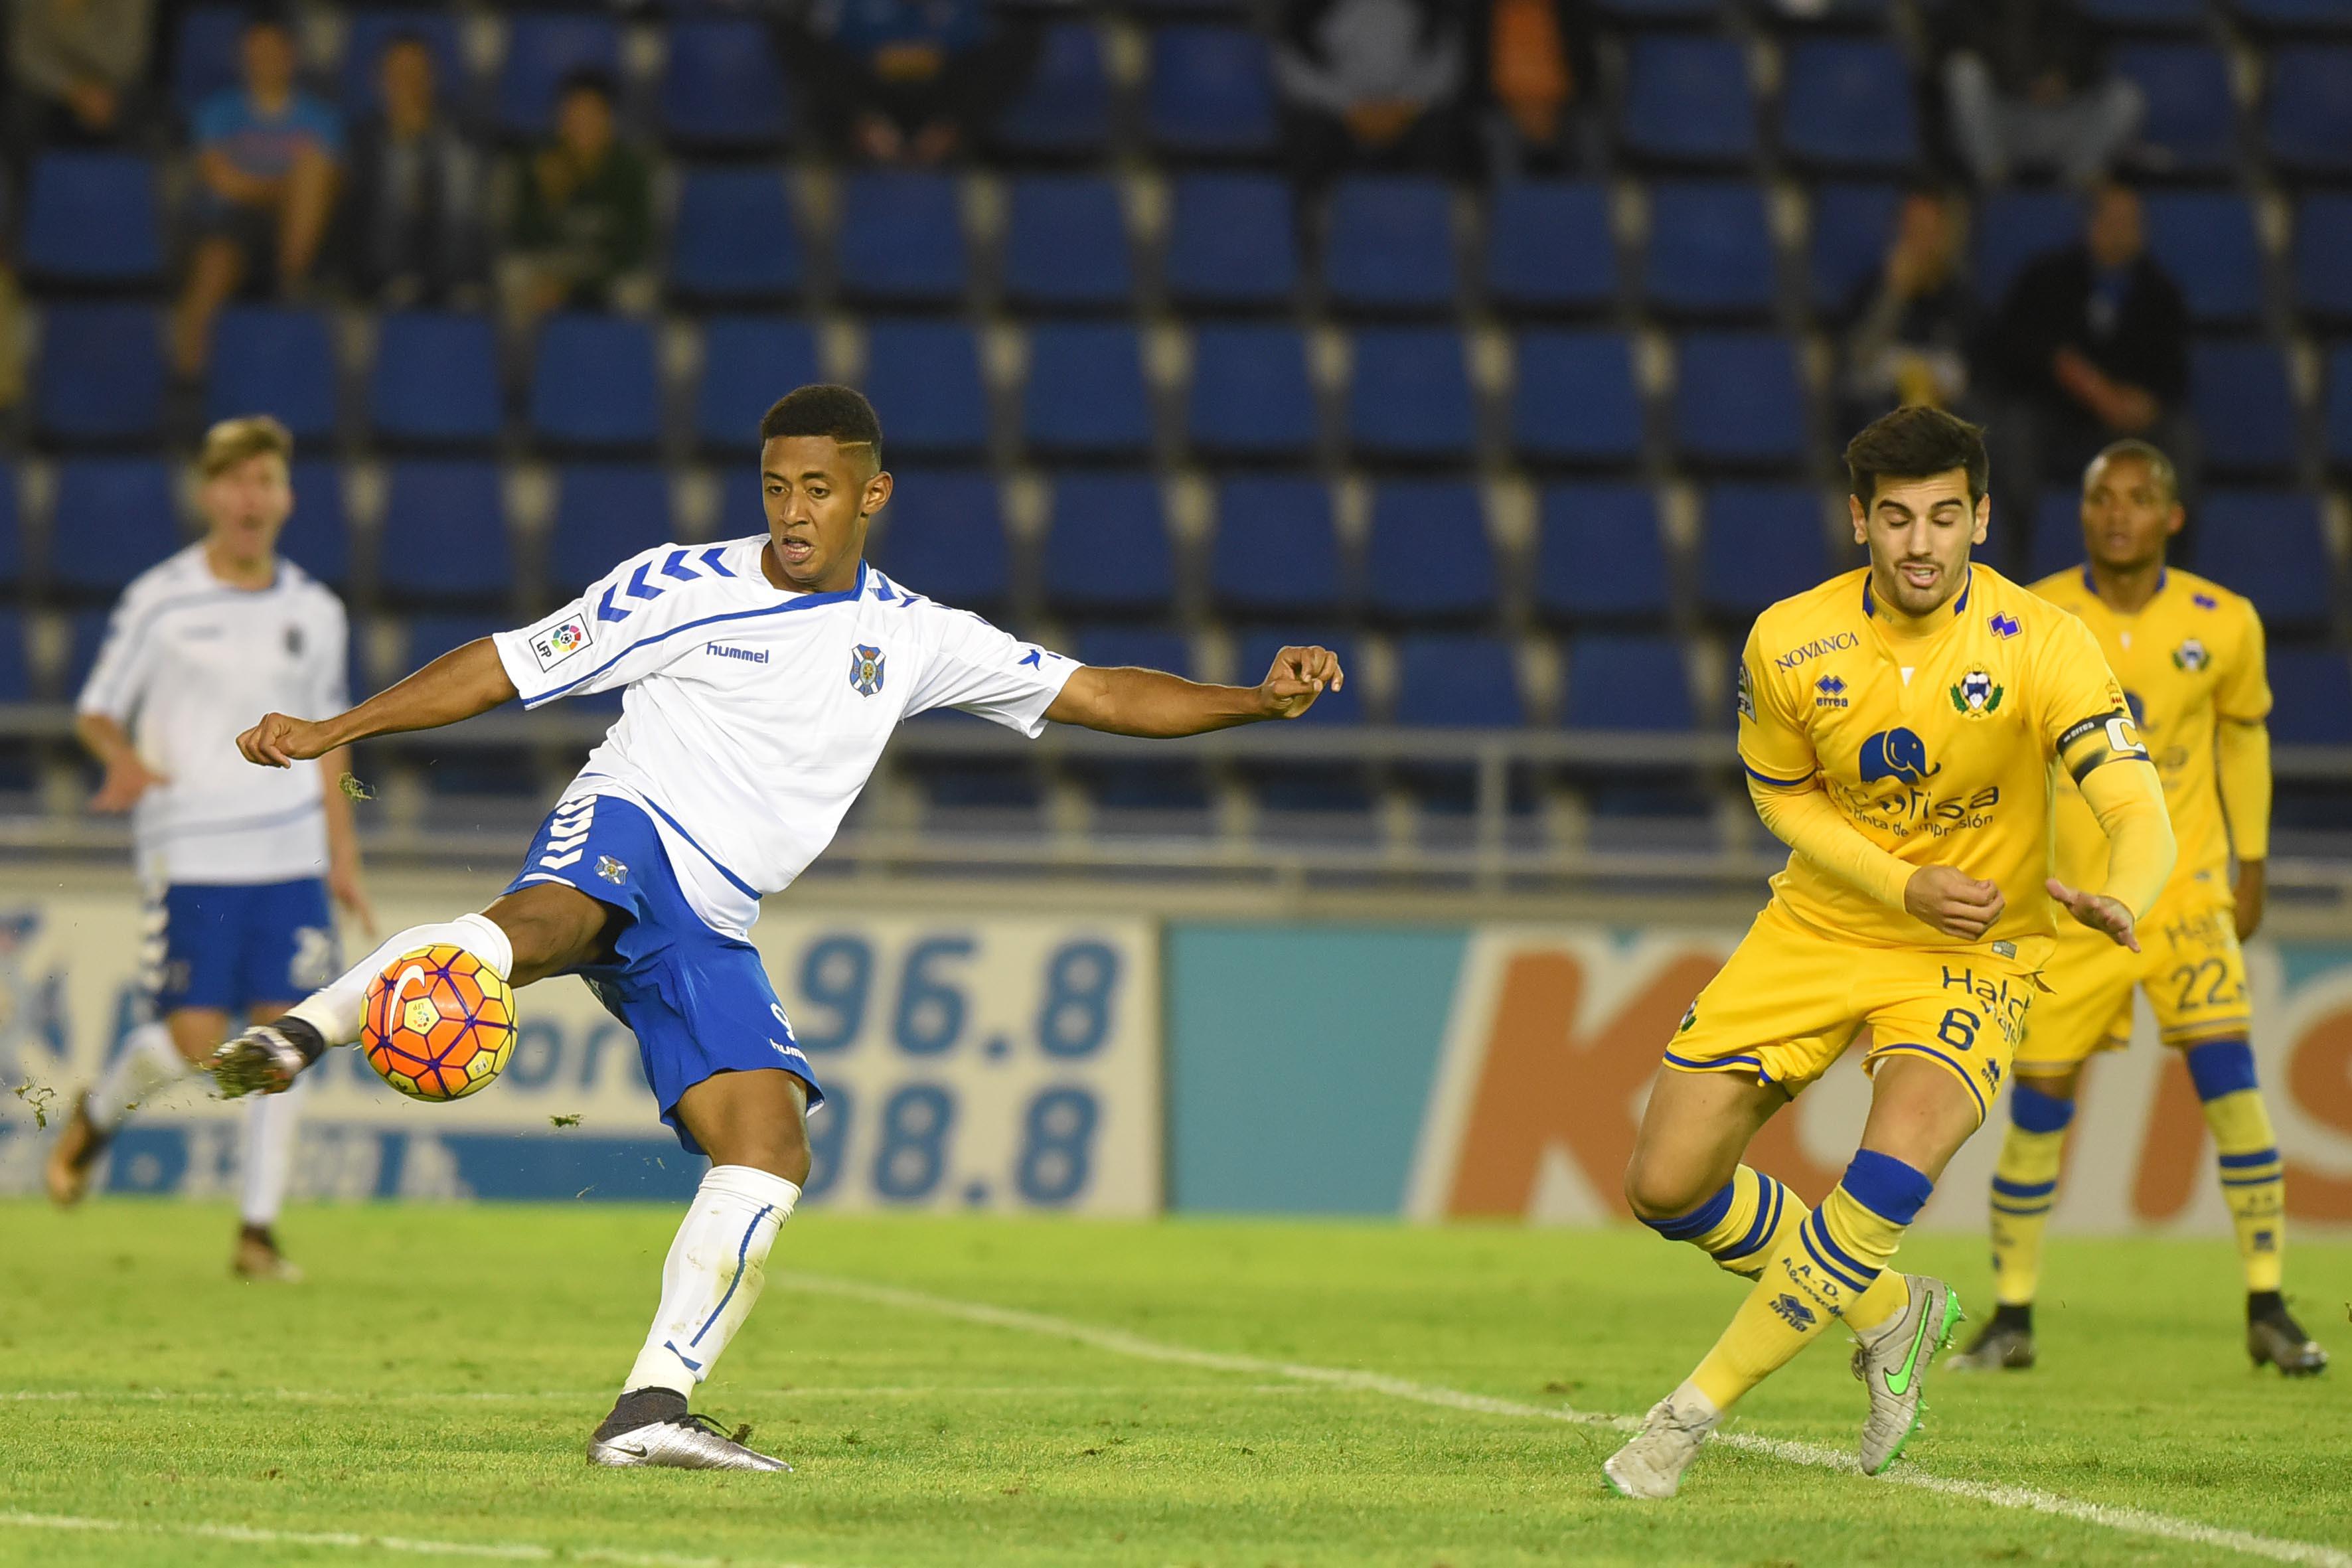 Dani cometió un claro penalti y Lozano marcó su sexto gol de la temporada. / SERGIO MÉNDEZ